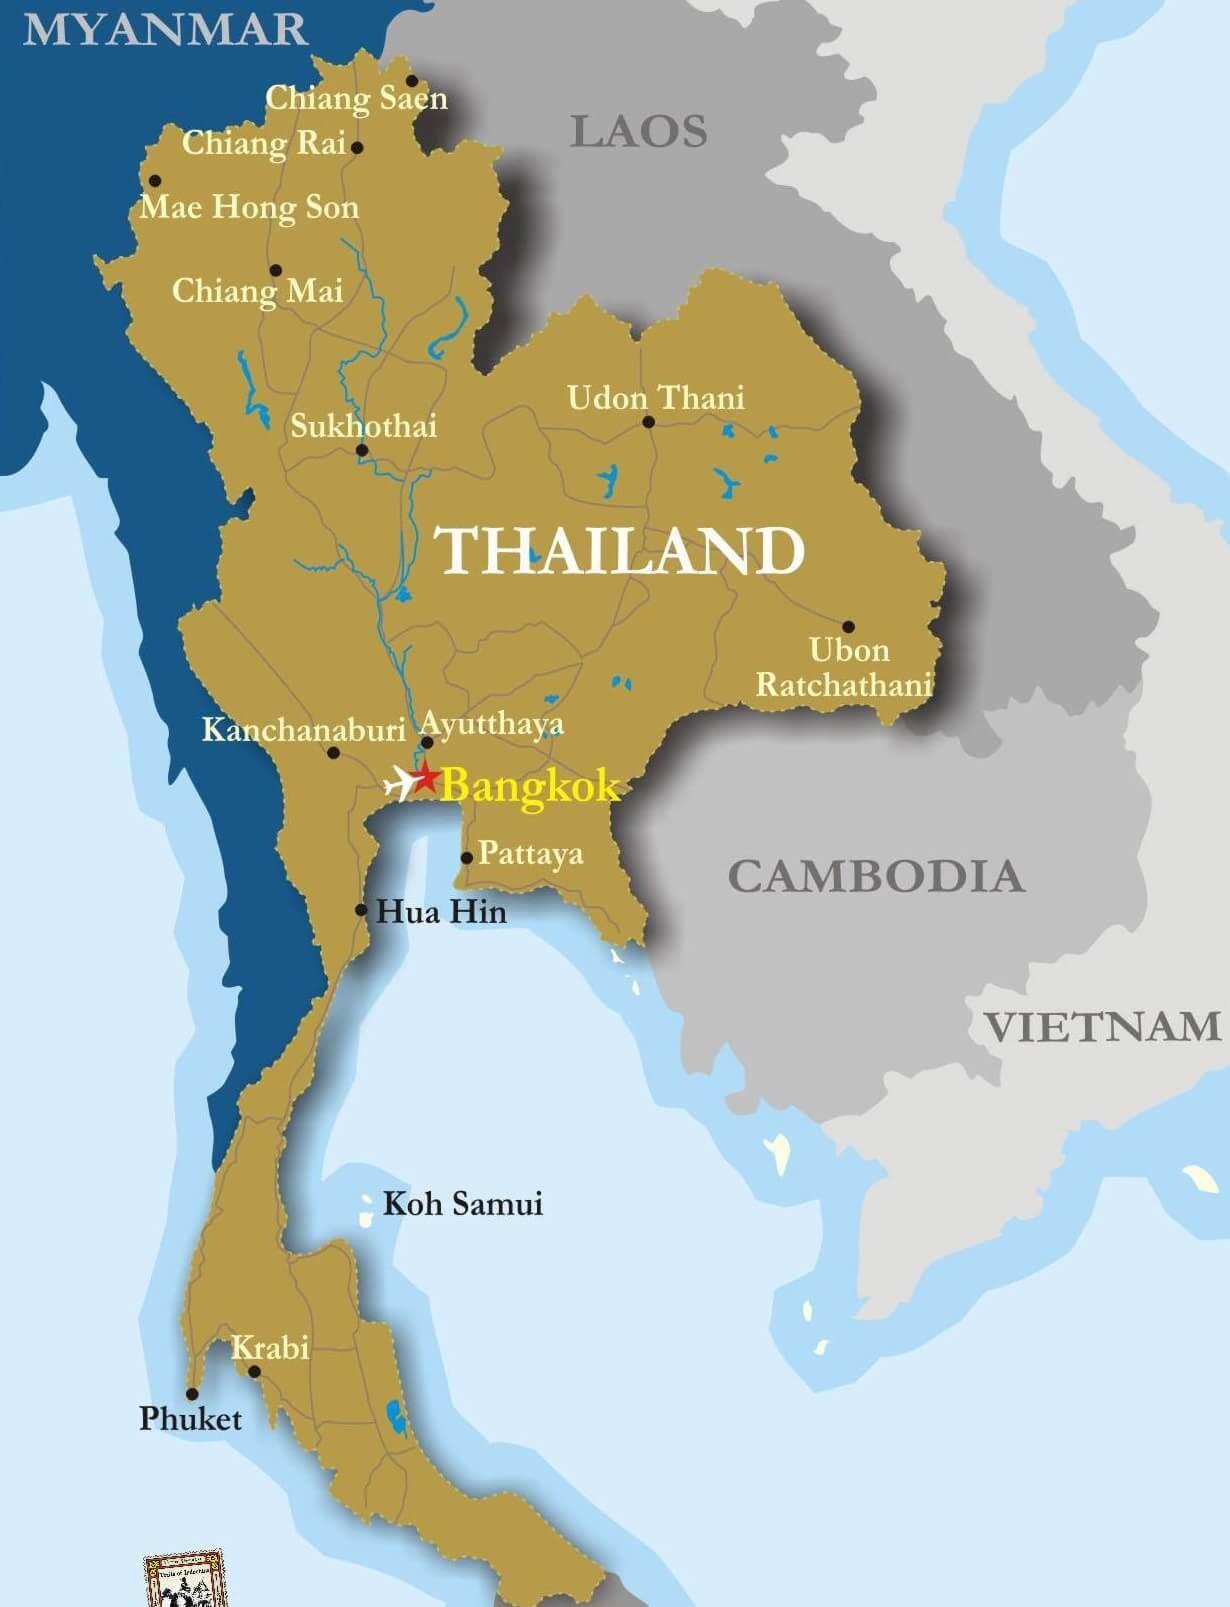 Бангкок Пхукет как добраться дешево leto.today map of Thailand карта таиланда Как добраться с Пхукета в Бангкок